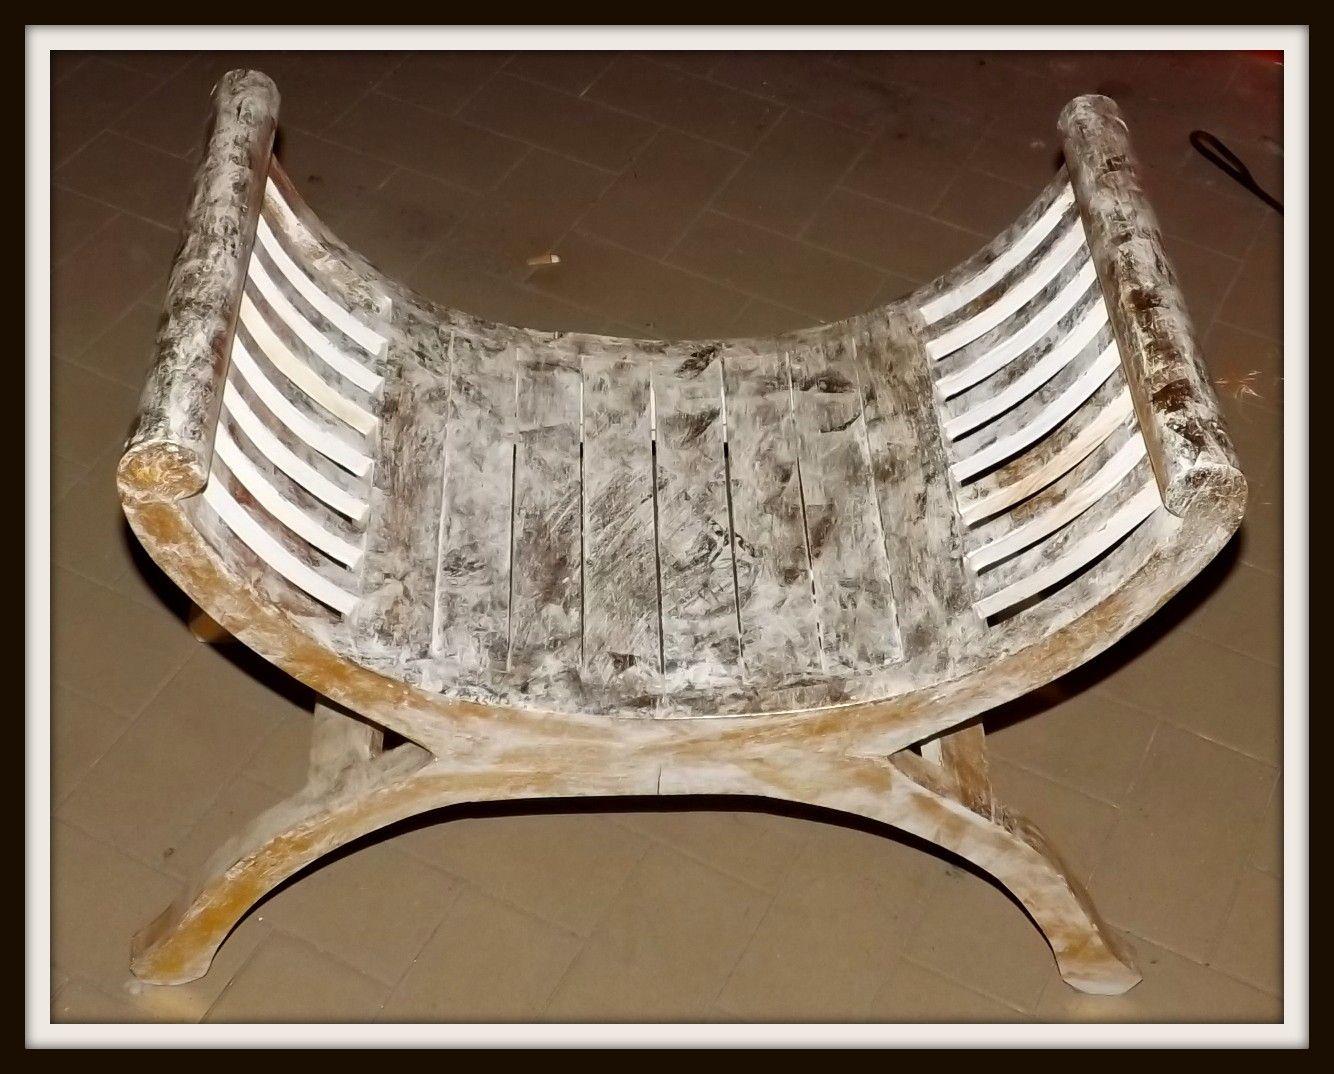 Sedia sgabello in legno di color bianco e oro! realizzata a mano